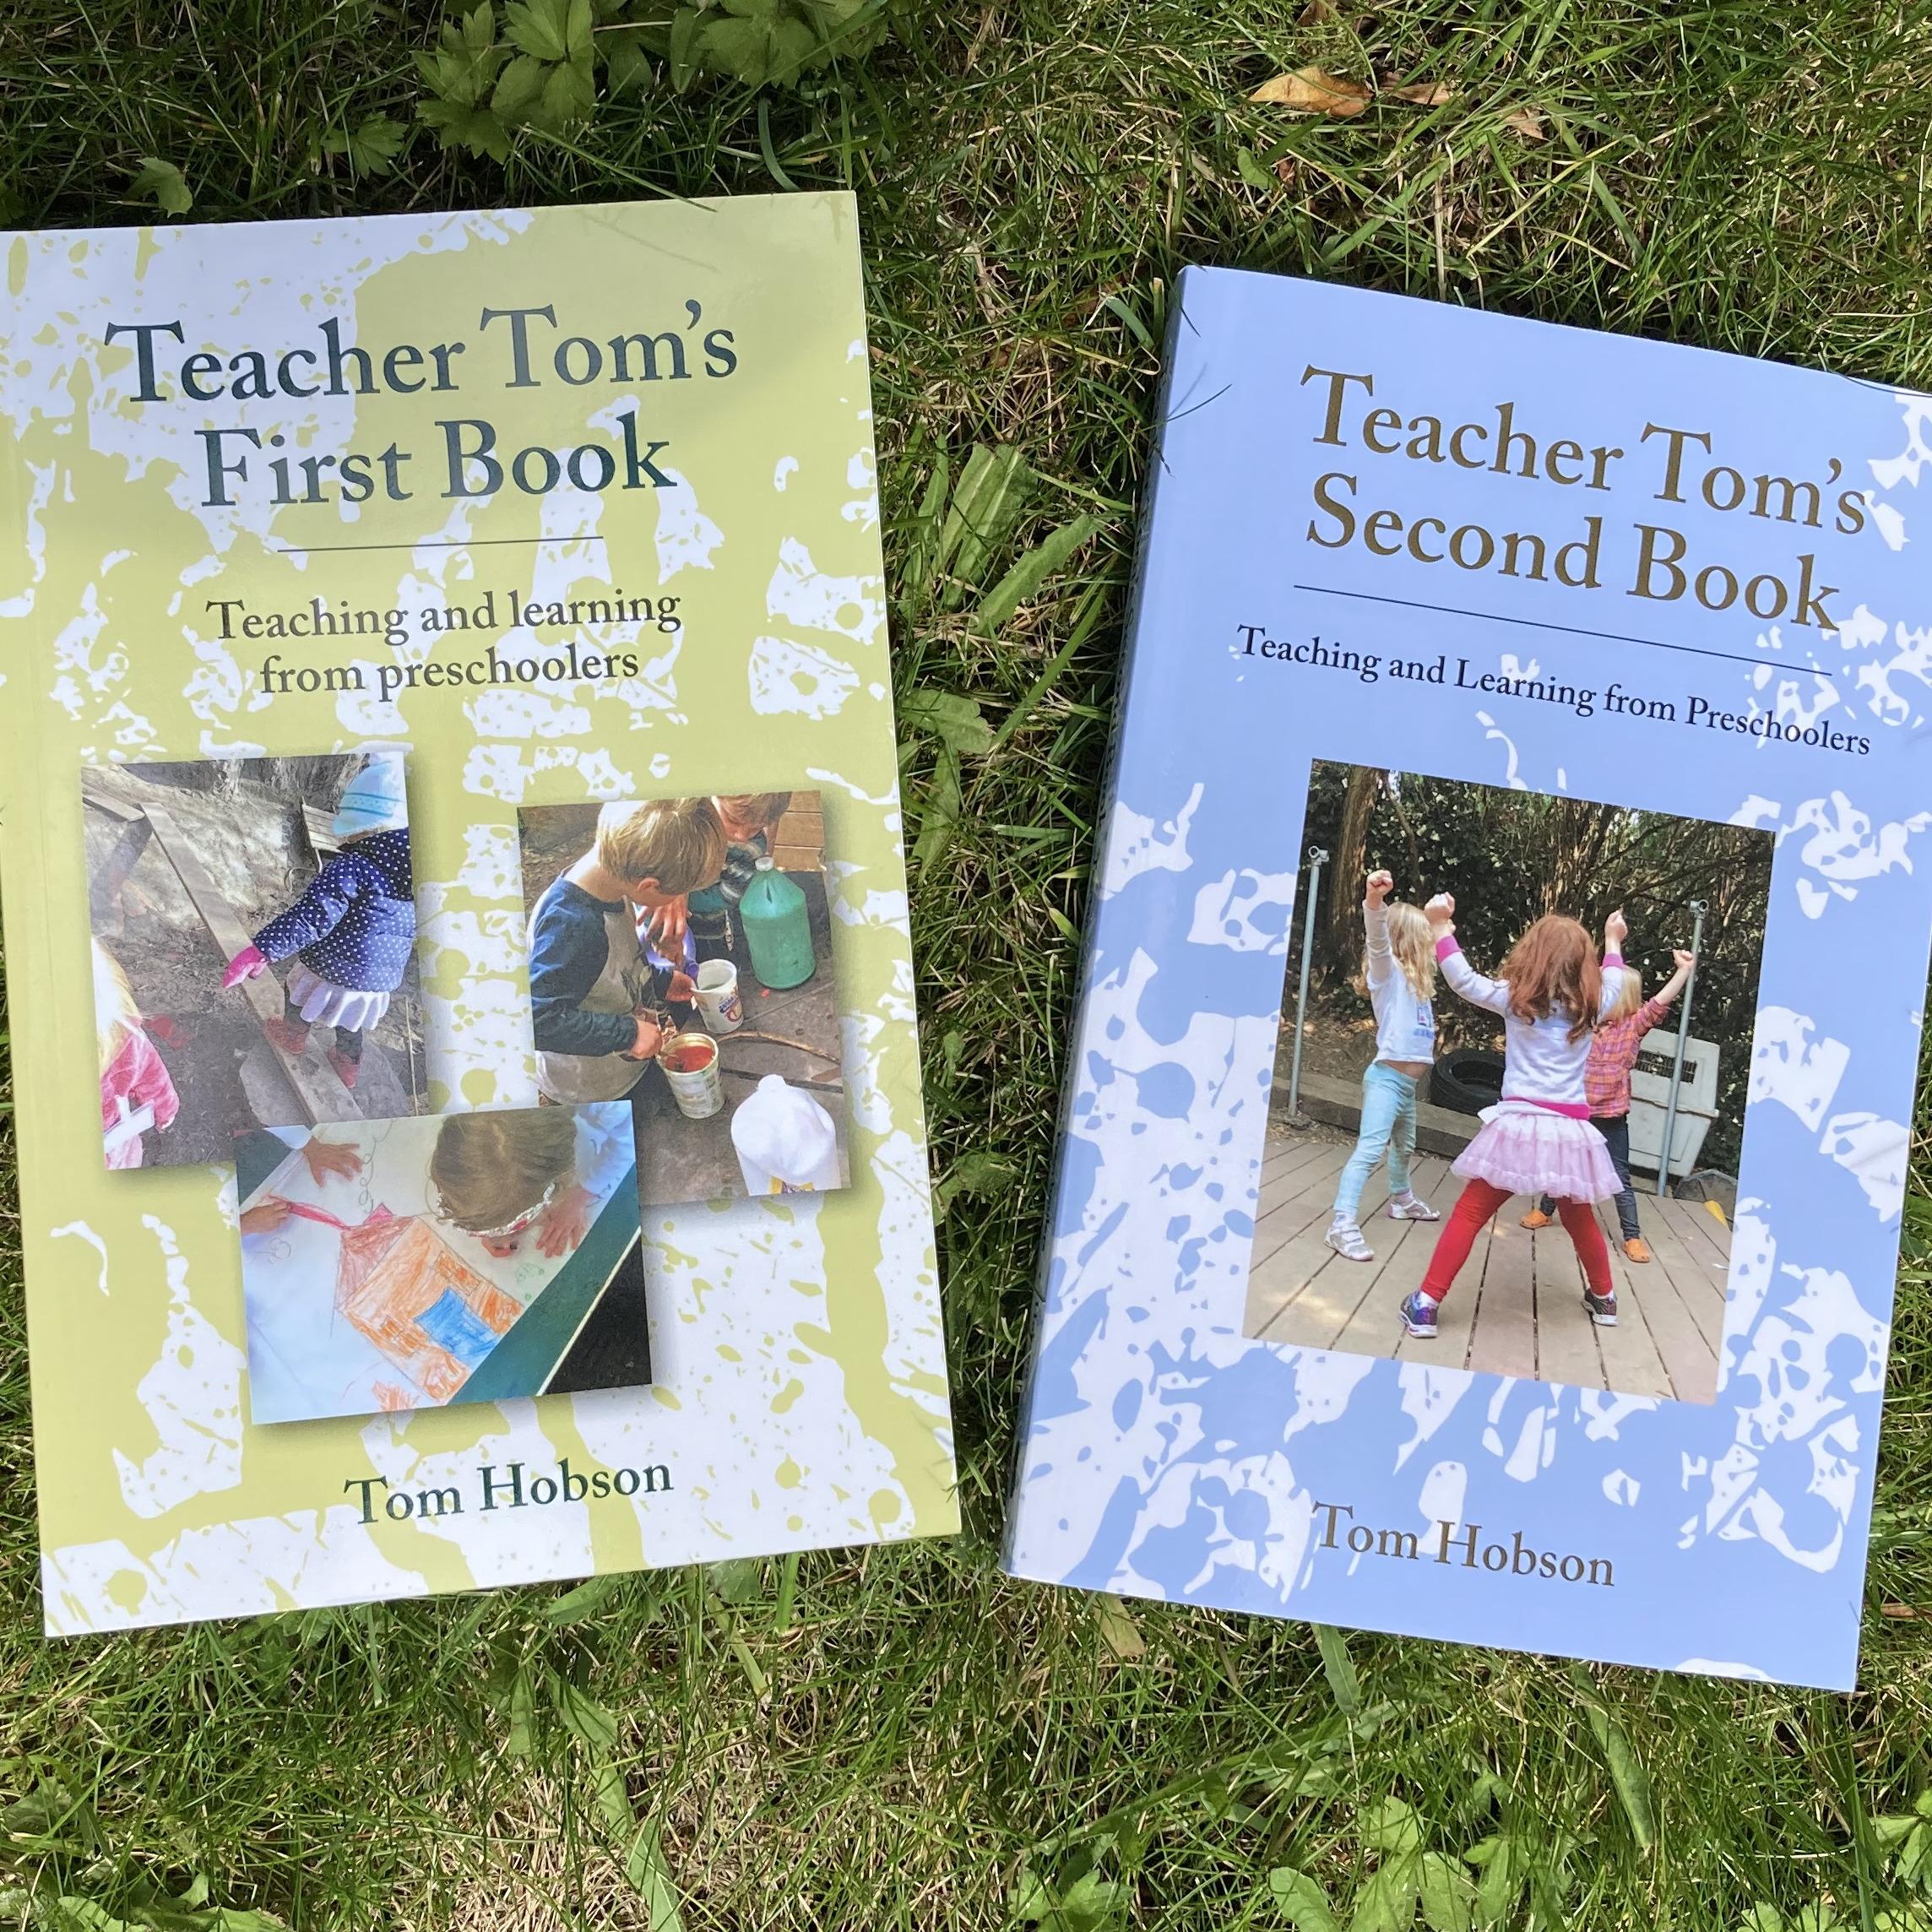 Teacher Tom's 2 books, lying on the grass